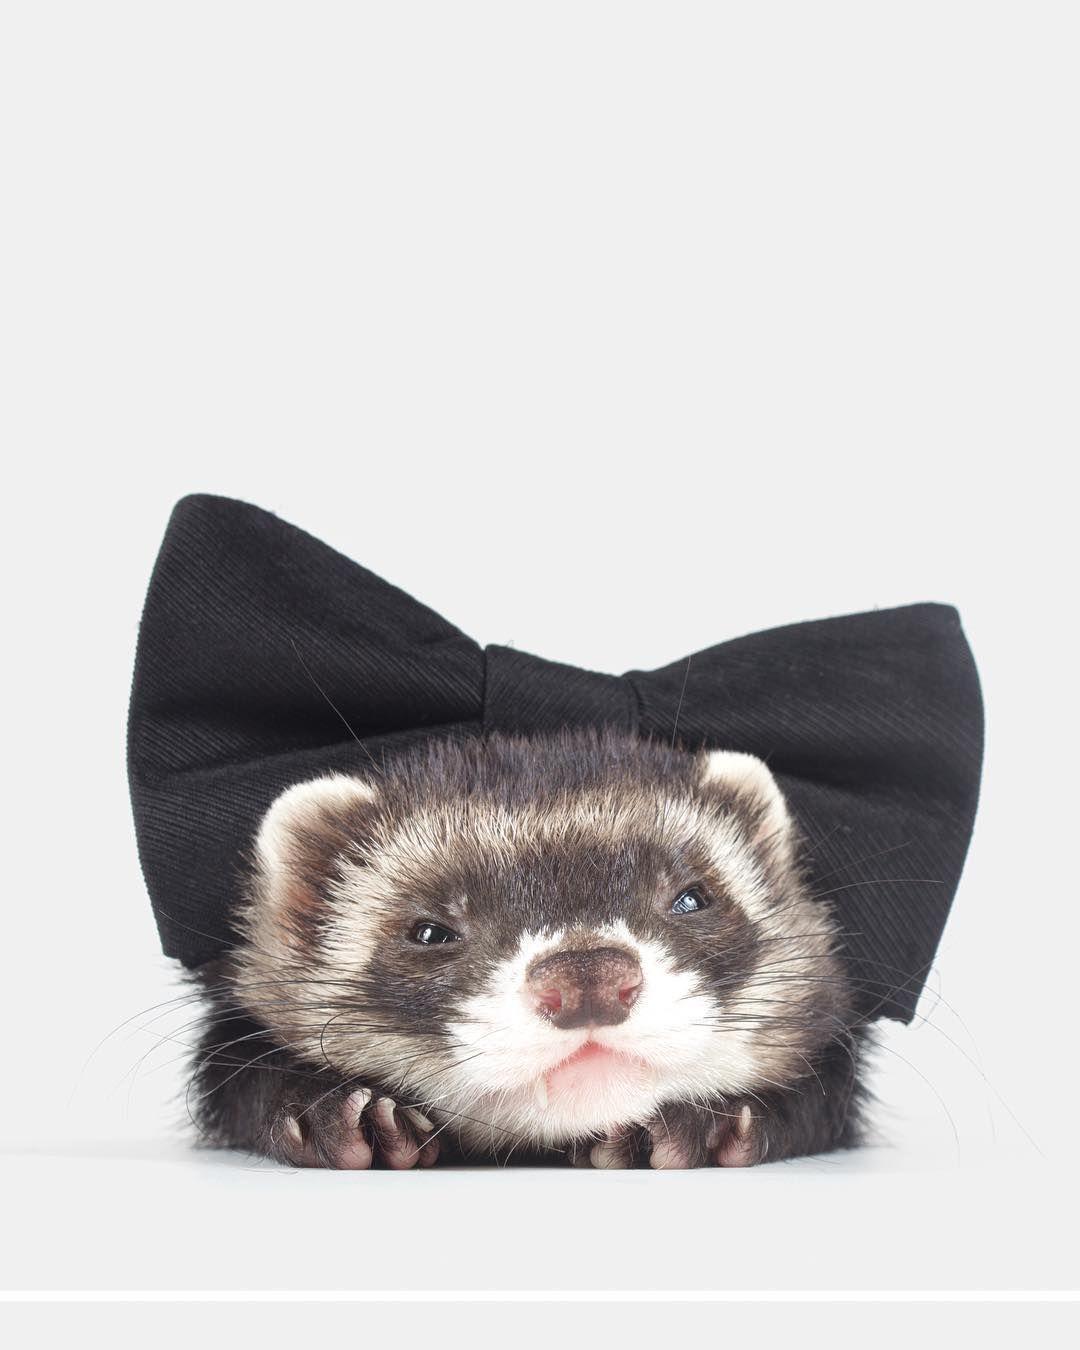 Ferret Video In 2020 Cute Ferrets Ferret Cute Little Animals